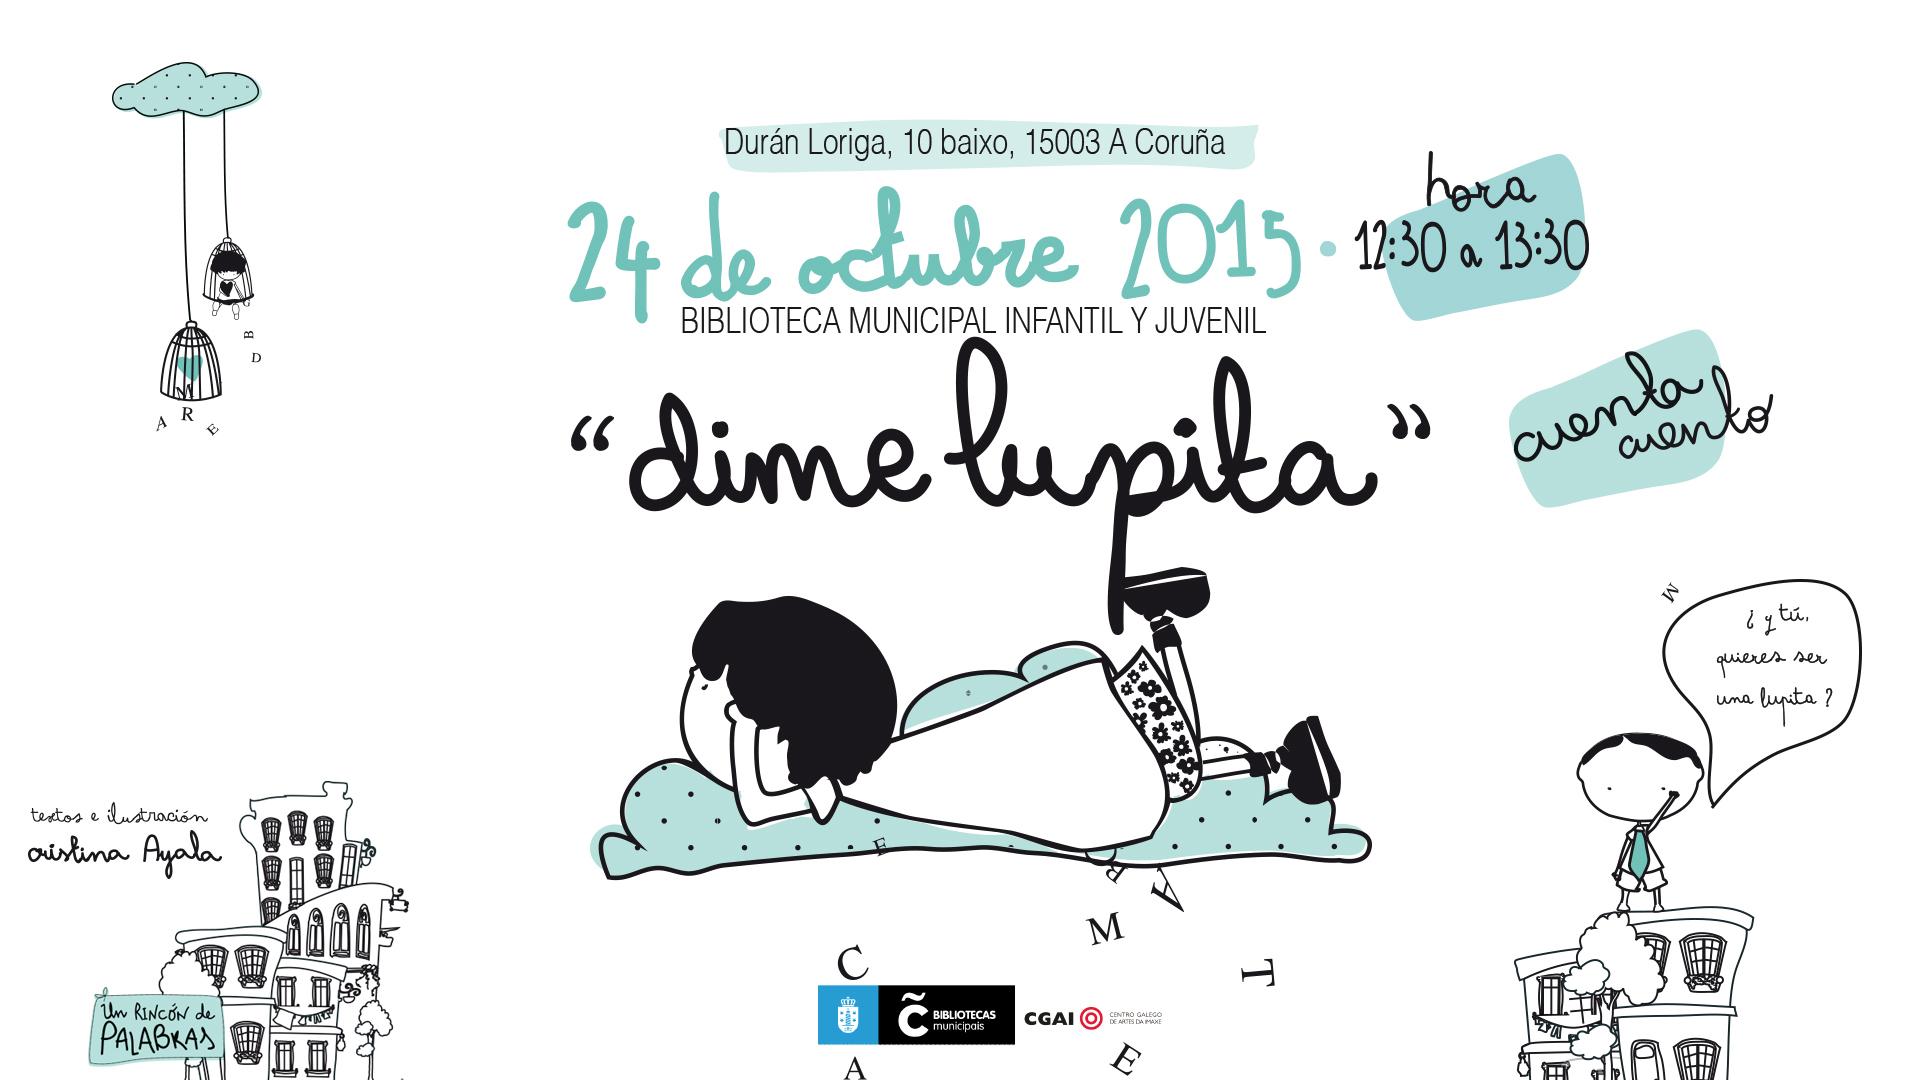 Cuentos Lupita By Bispo-16179-belasabela